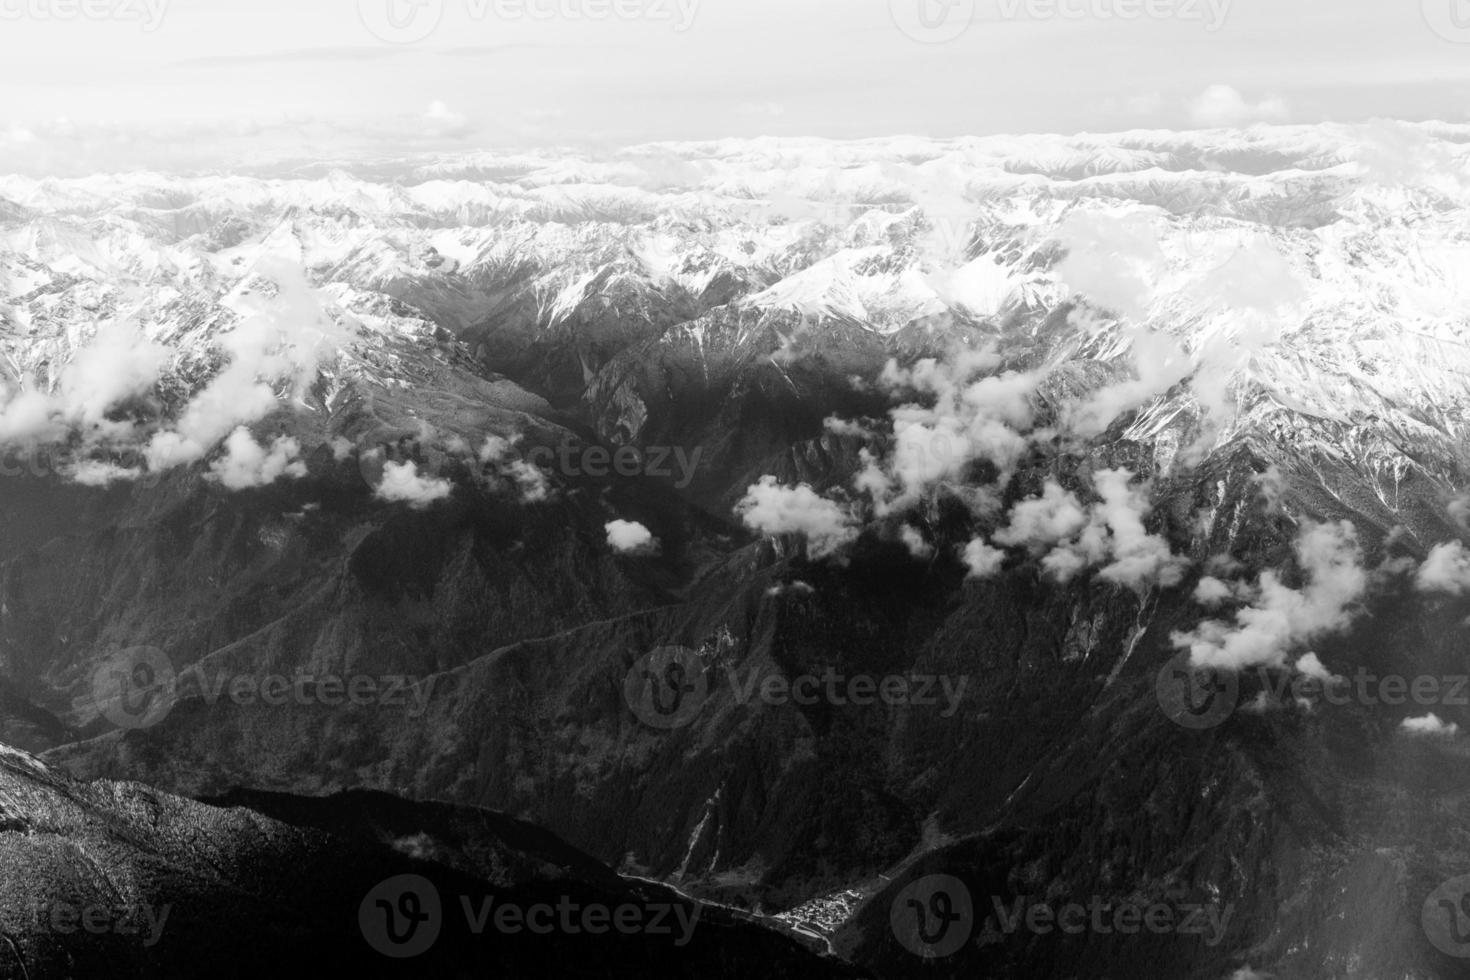 vista aérea das montanhas na província de sichuan, china. foto